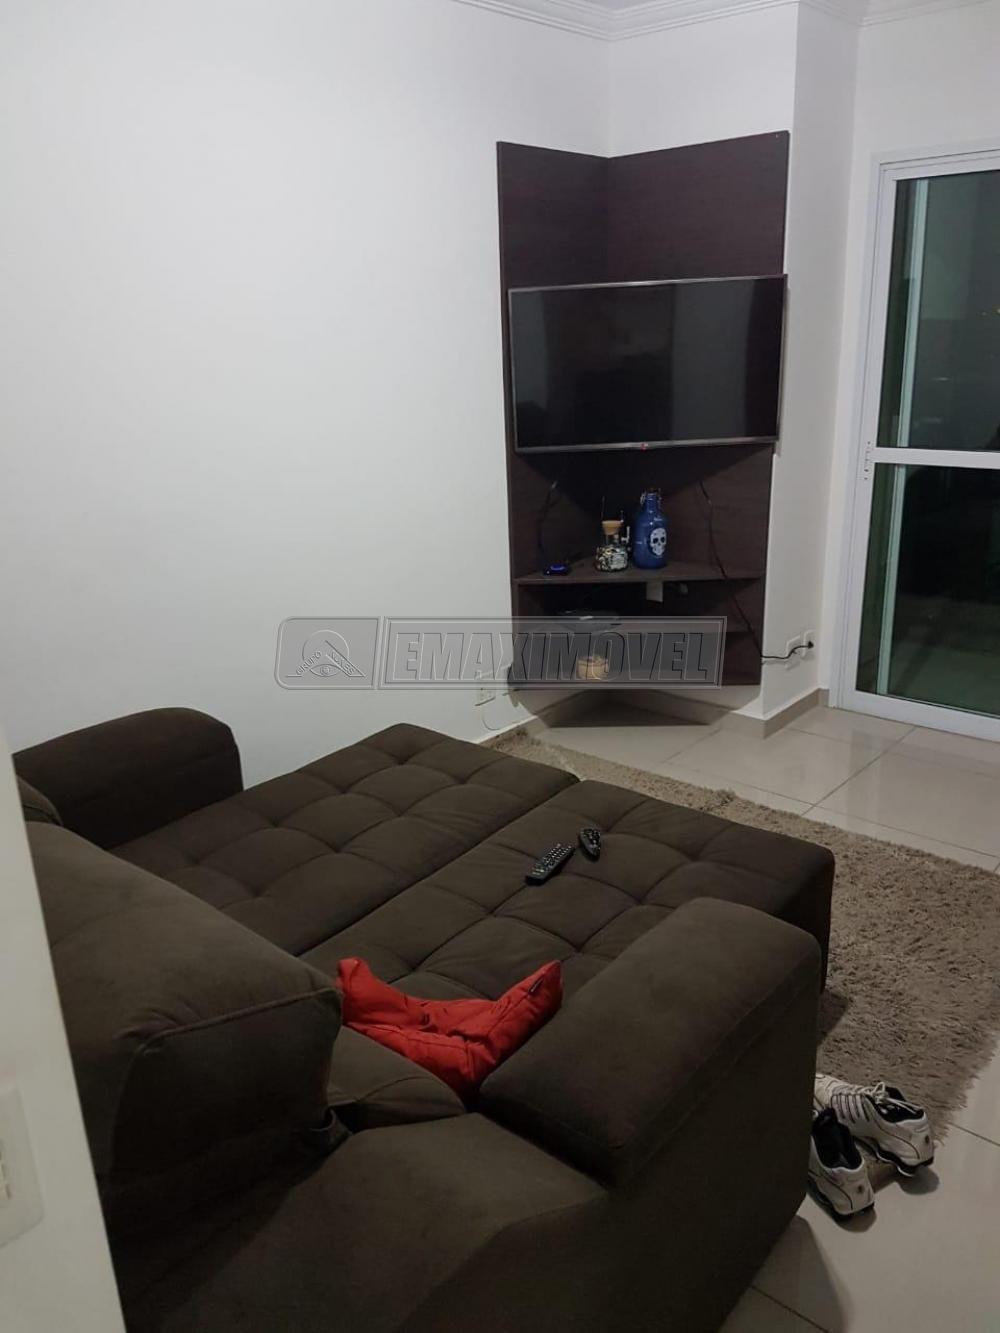 Comprar Apartamentos / Apto Padrão em Sorocaba apenas R$ 315.000,00 - Foto 2